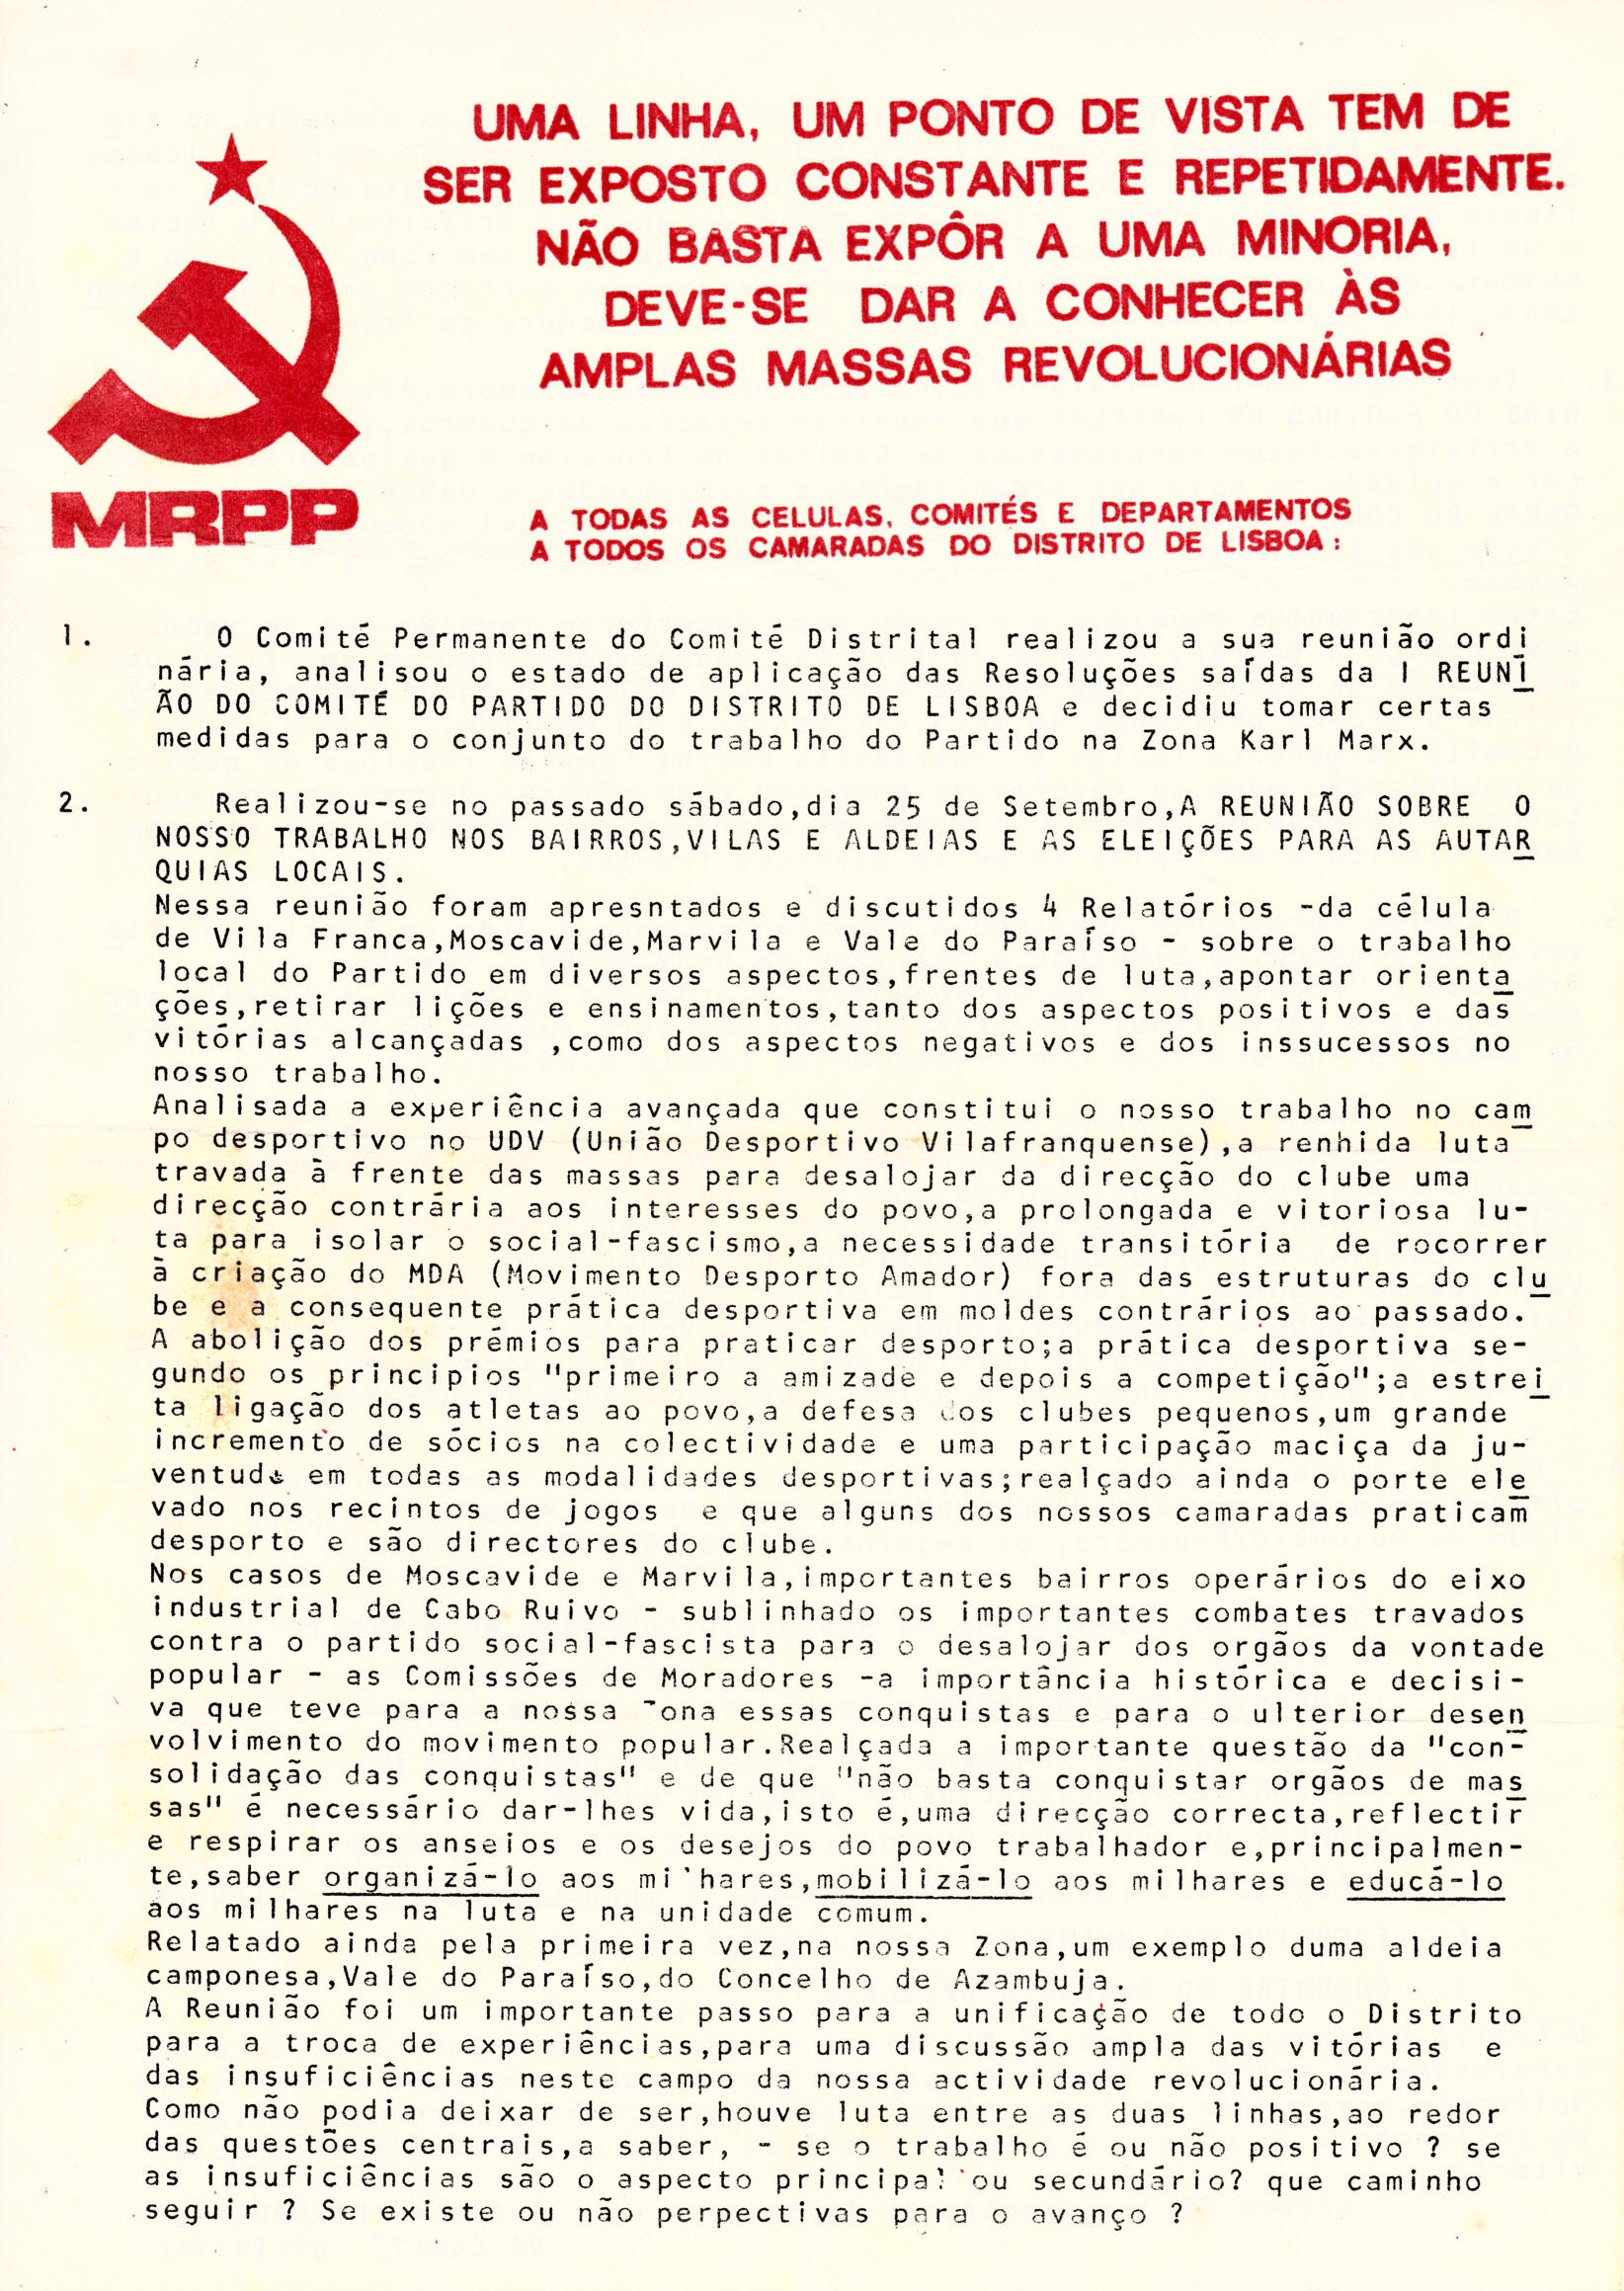 MRPP_1976_09_27_0001